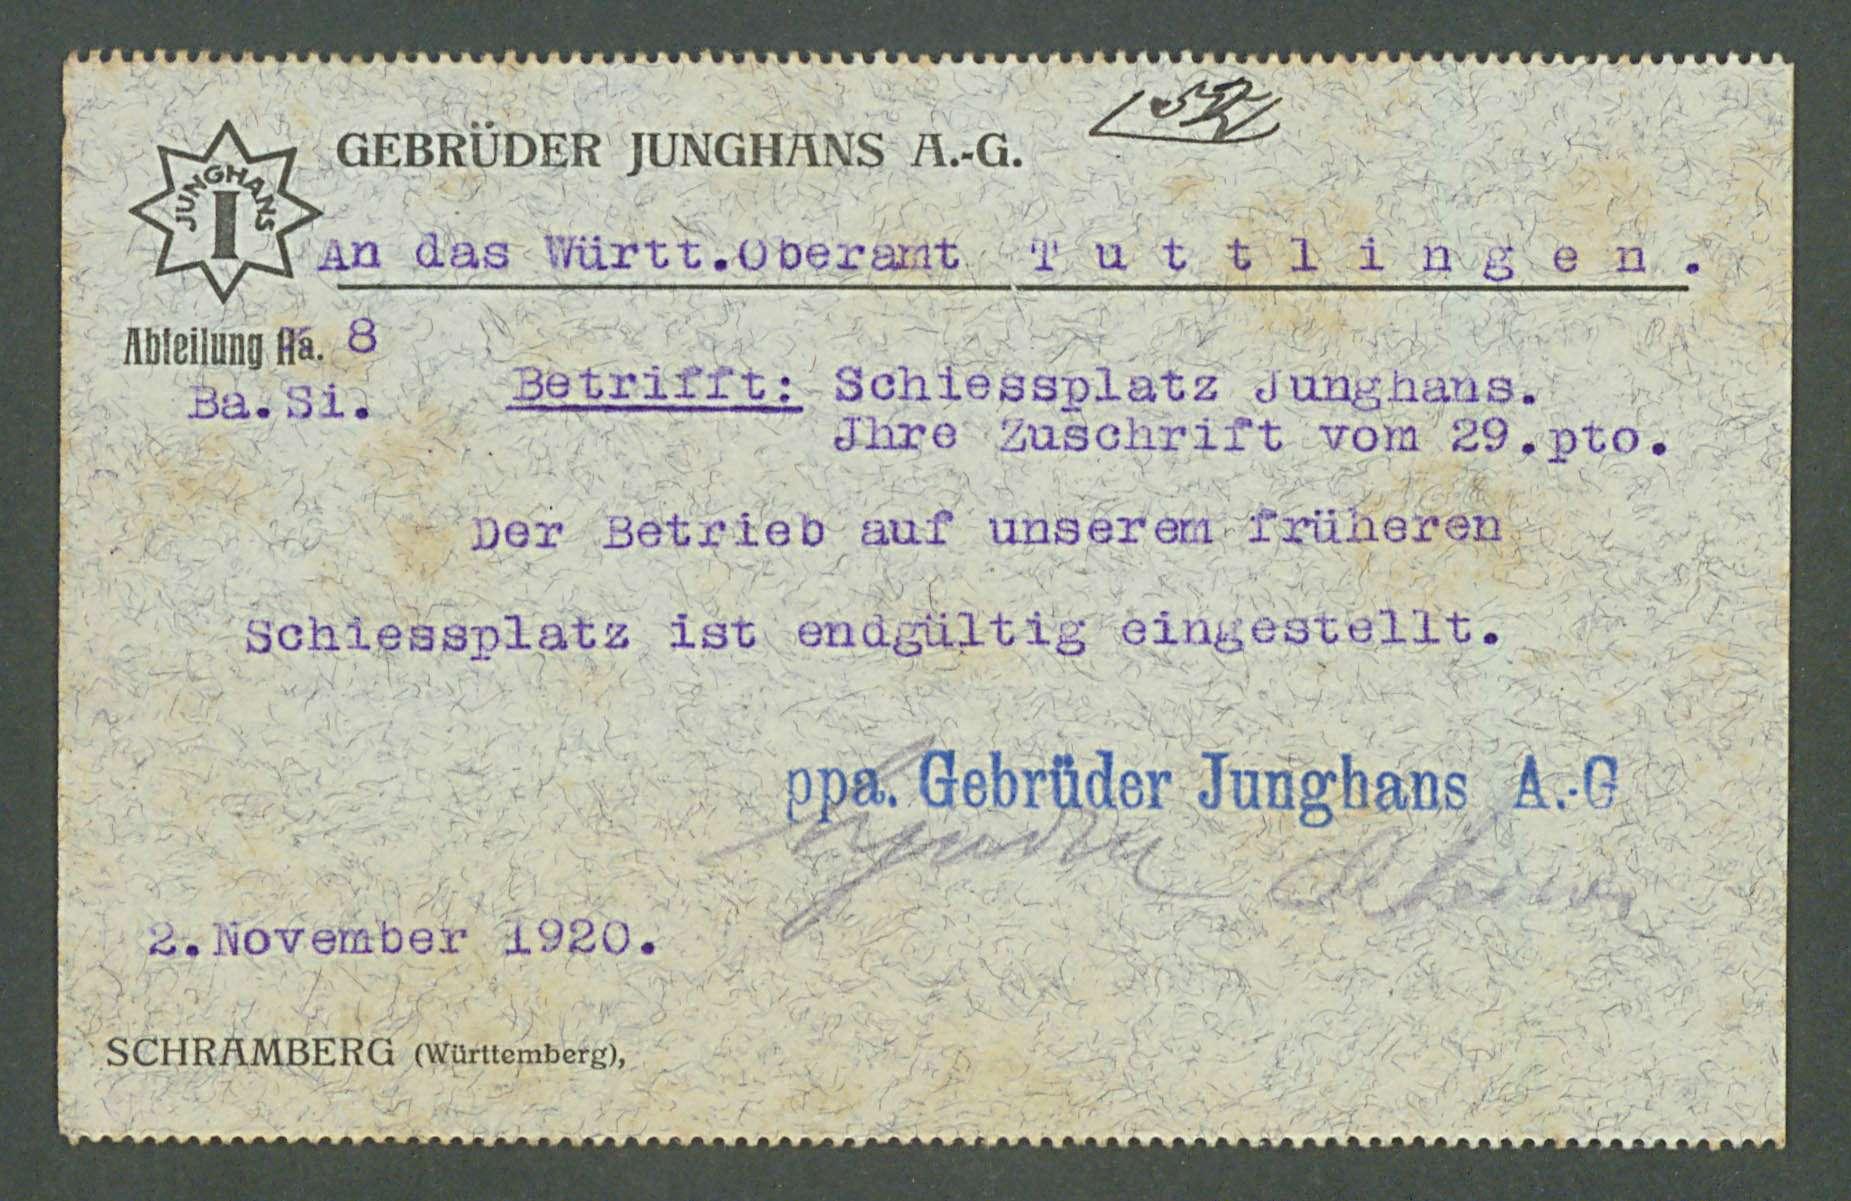 Errichtung einer Schießplatzanlage der Firma Gebrüder Junghans in Schramberg, Bild 1